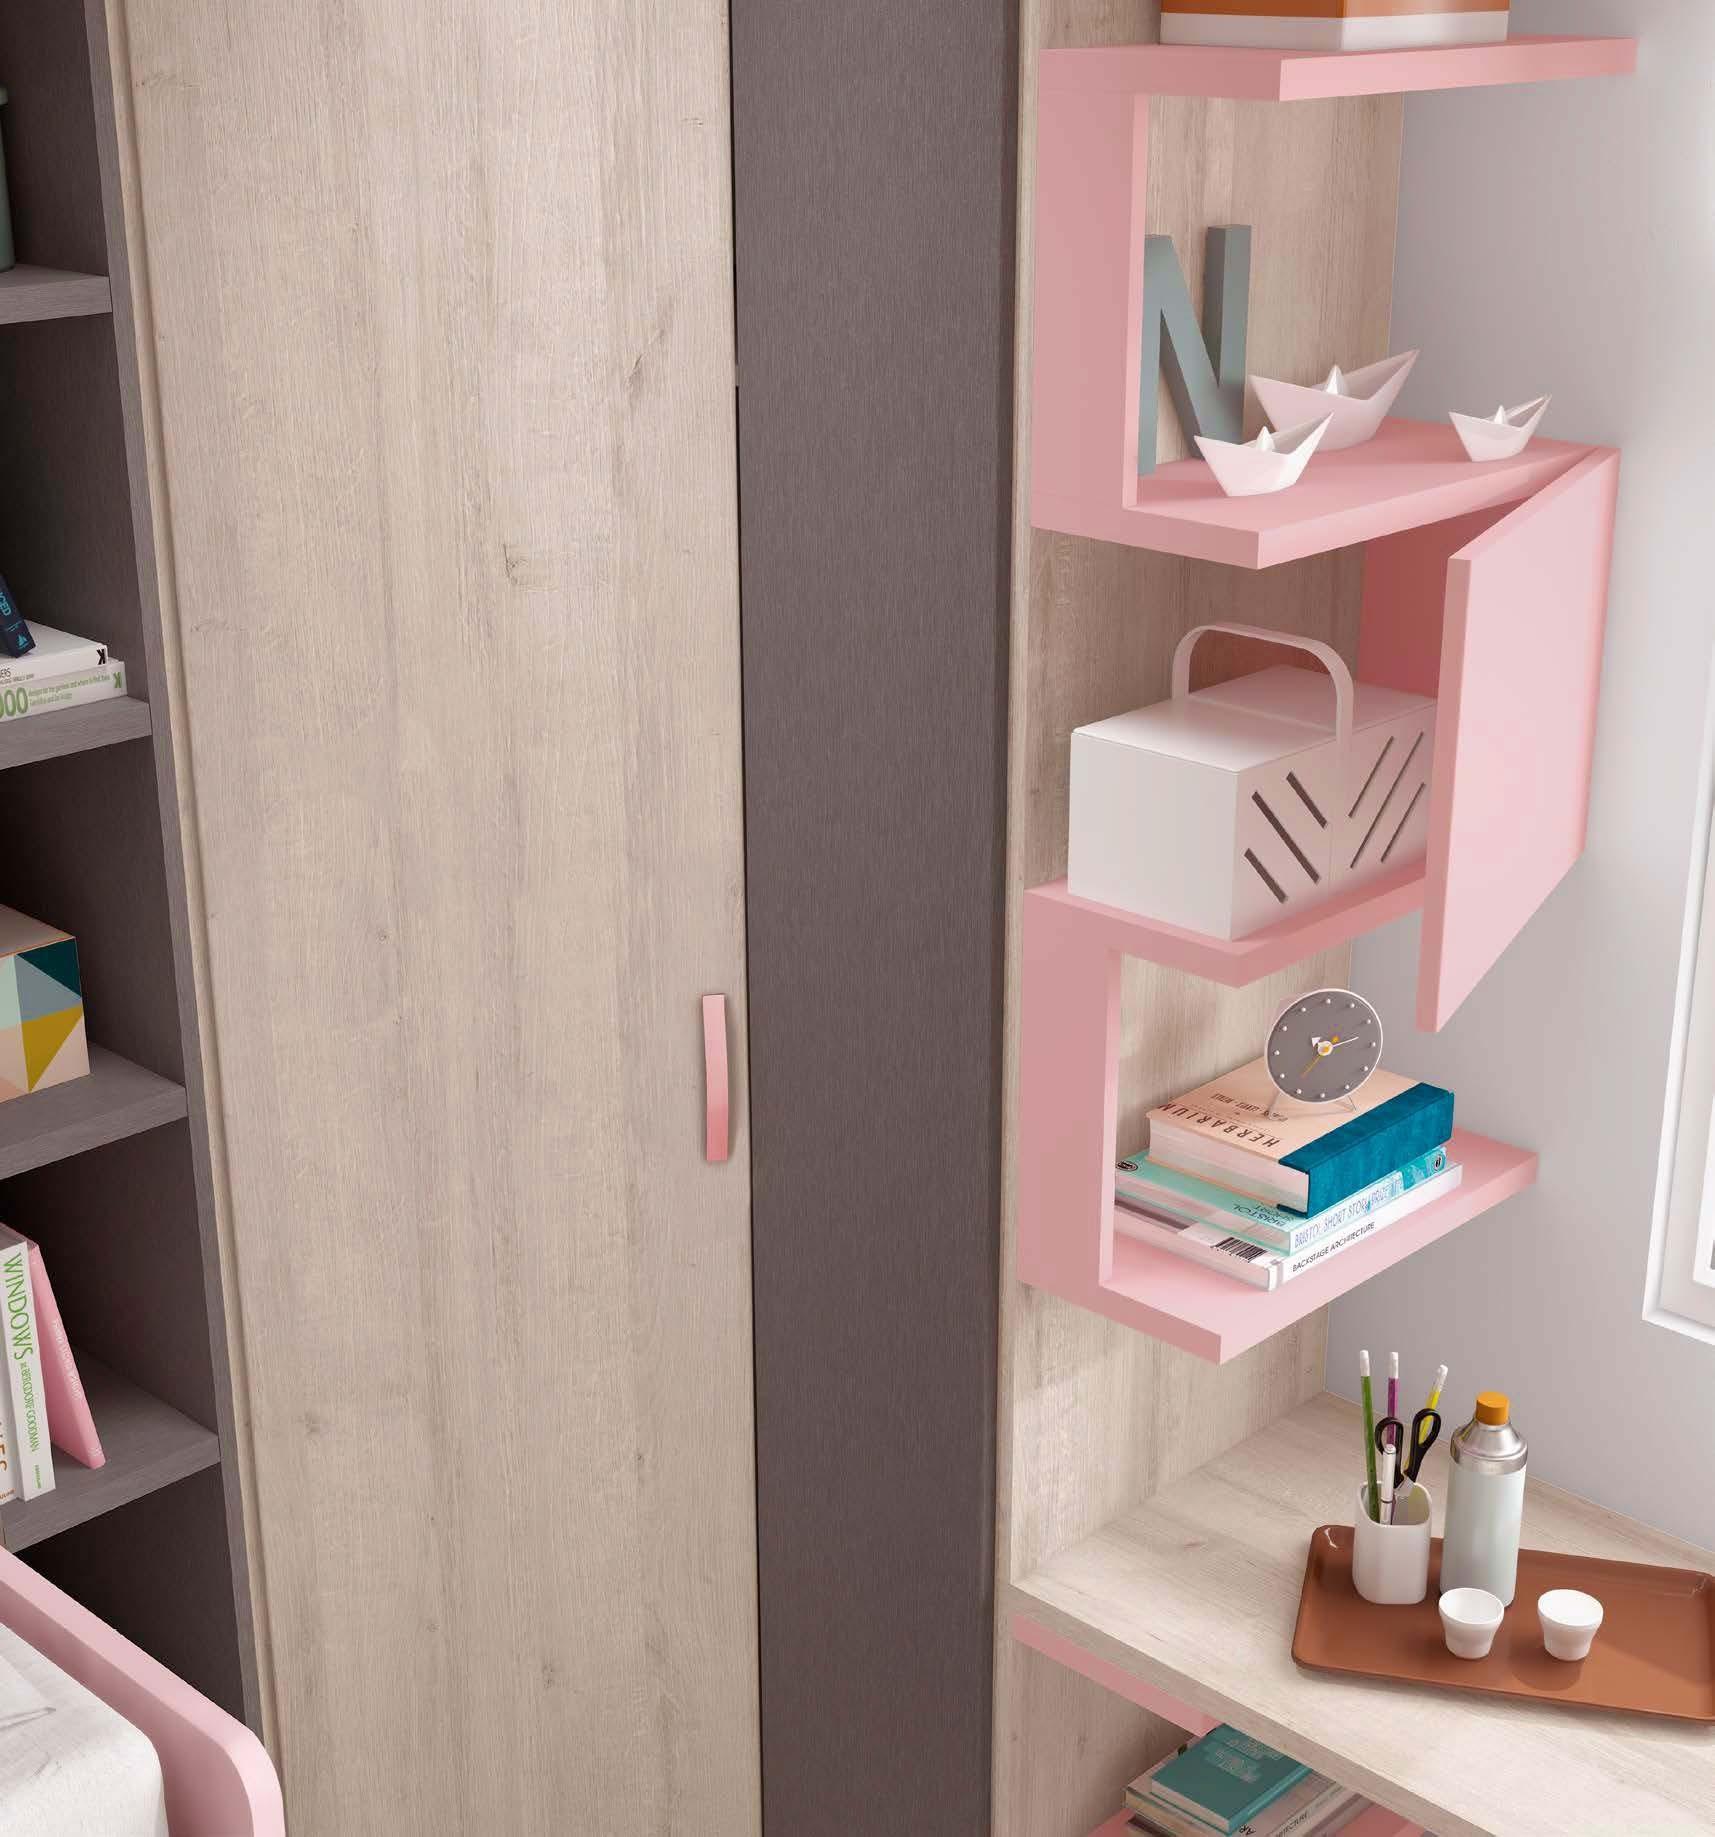 Chambre Fille Lit Gigogne : Chambre fille avec lit gigogne compacte glicerio so nuit